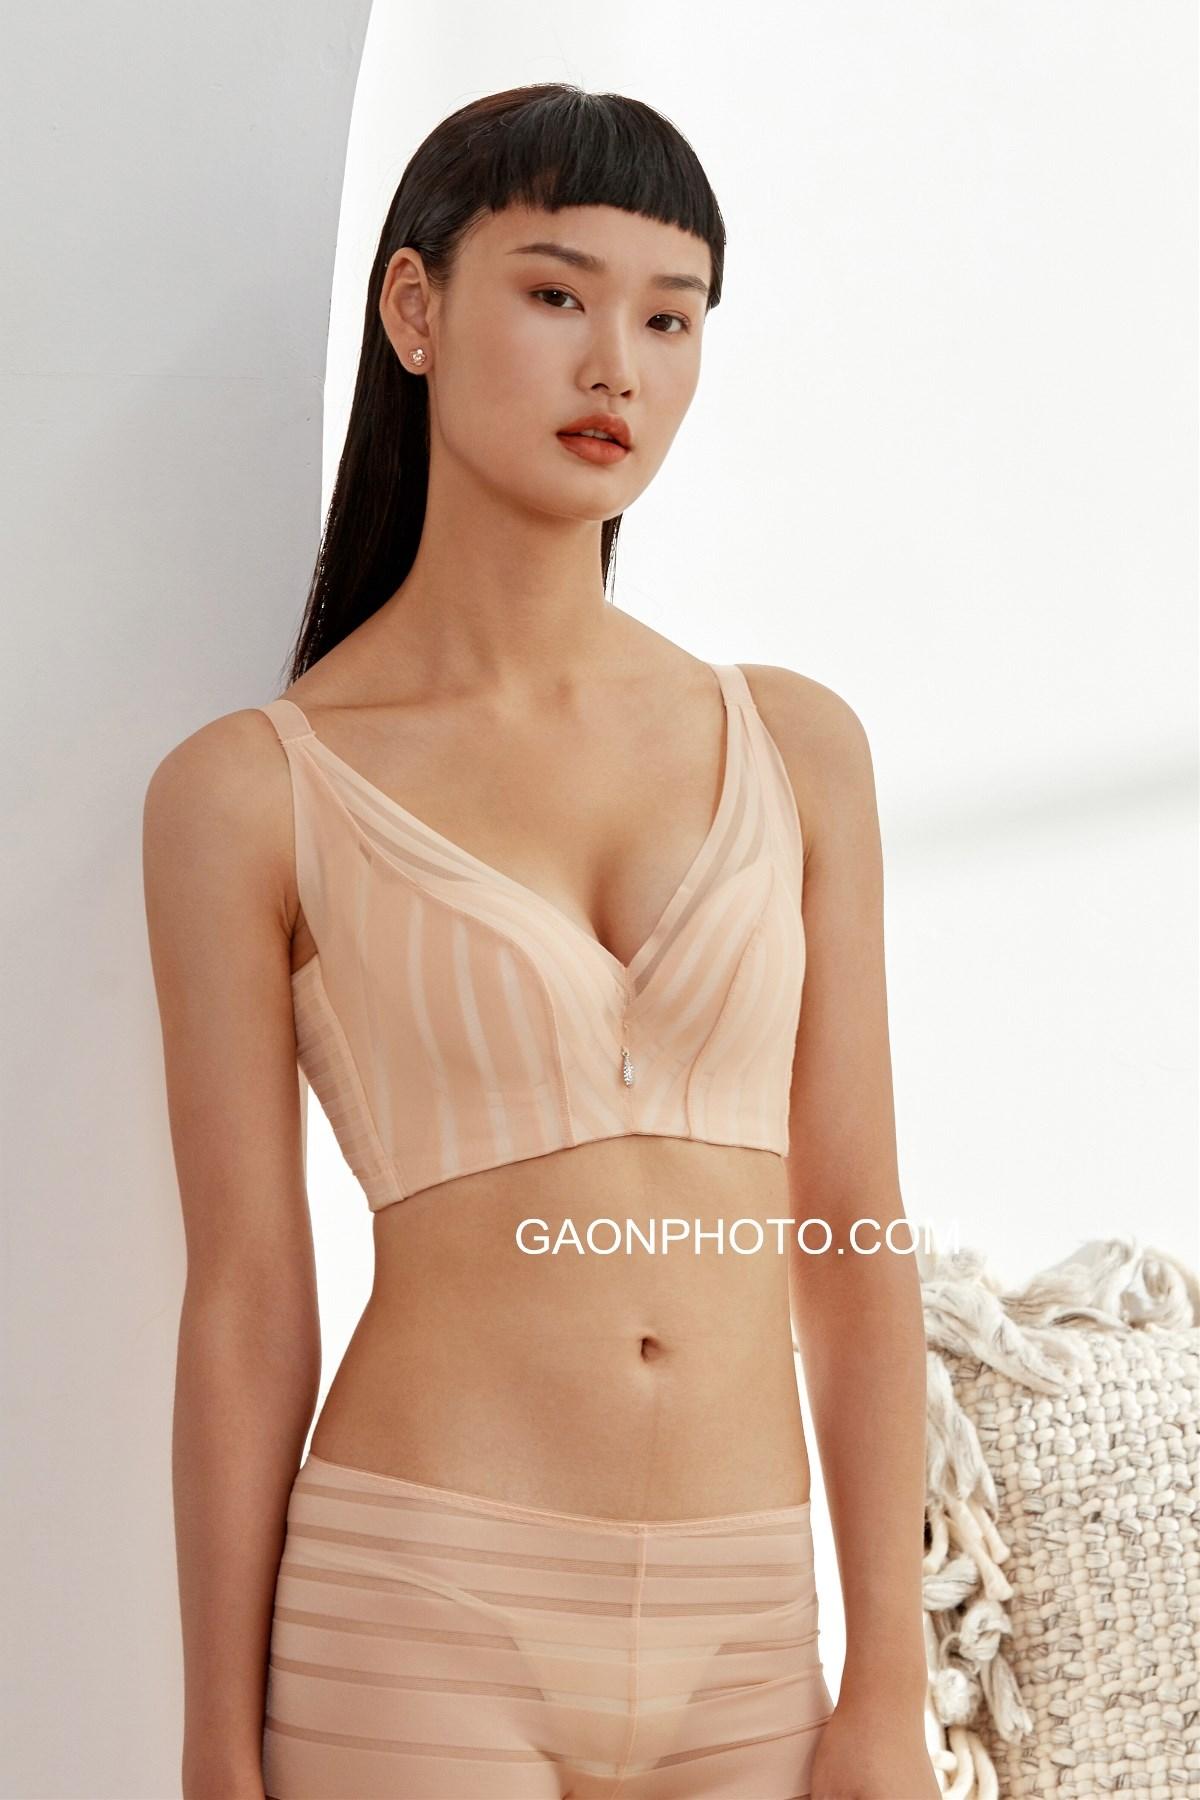 香港御塑内衣丨内衣形象广告拍摄×高恩广告